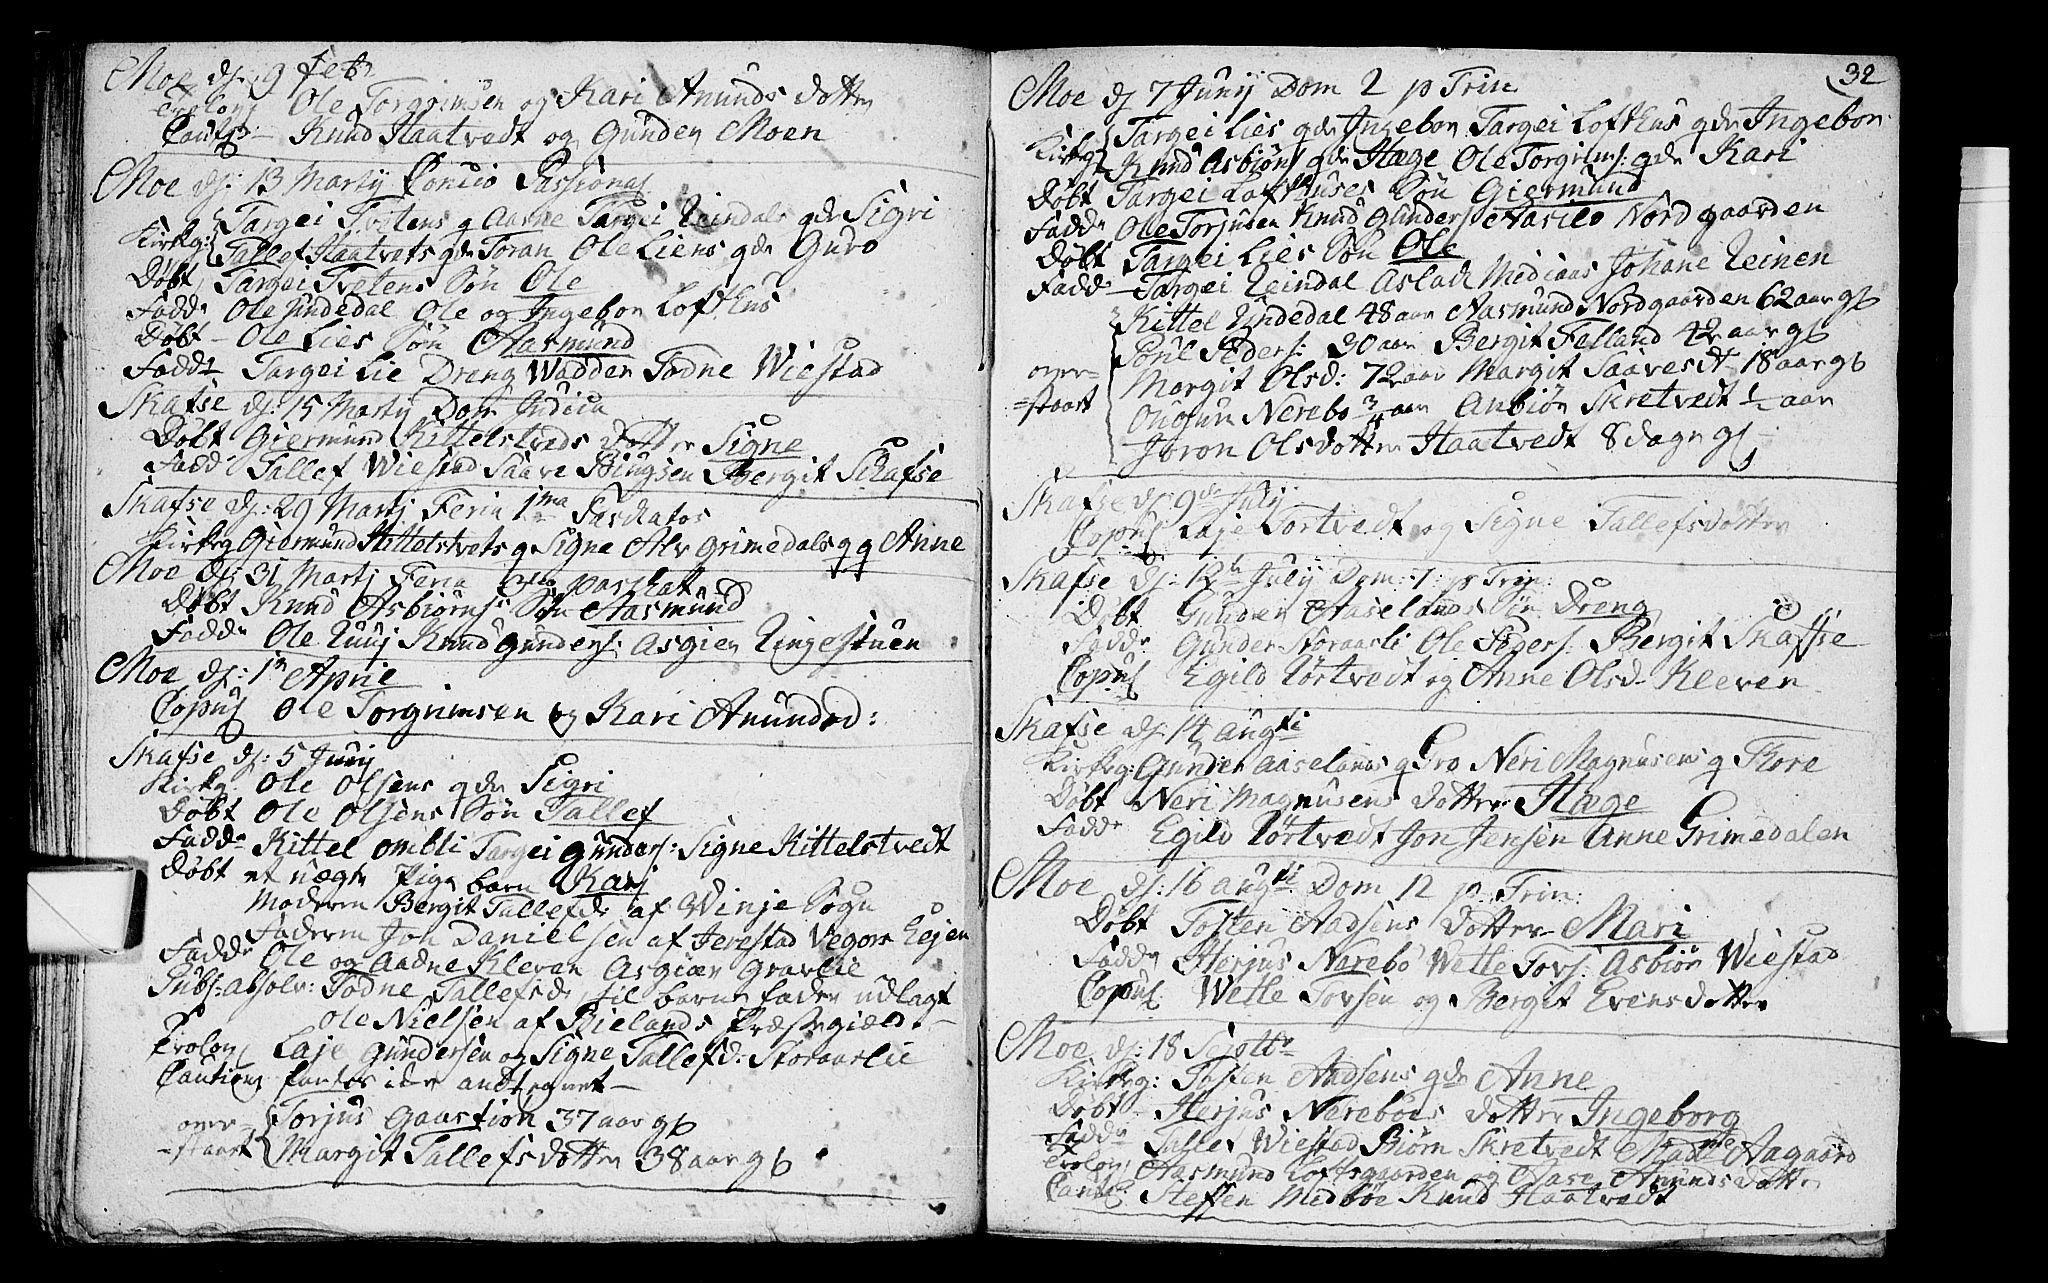 SAKO, Mo kirkebøker, F/Fa/L0001: Ministerialbok nr. I 1, 1724-1748, s. 32